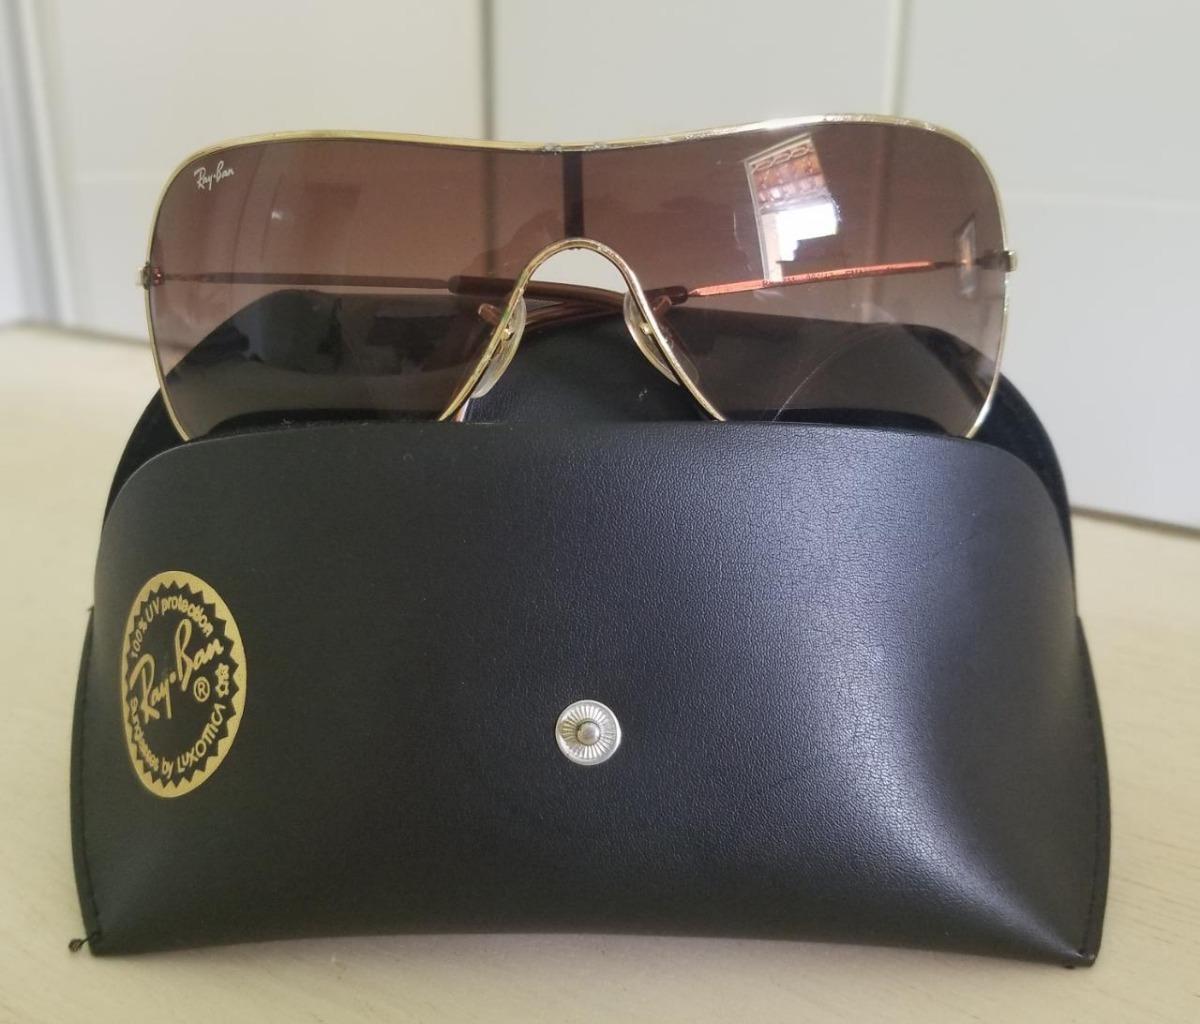 9c3208941 Óculos De Sol Ray-ban Rb3211 001/13 Small Original - R$ 350,00 em ...